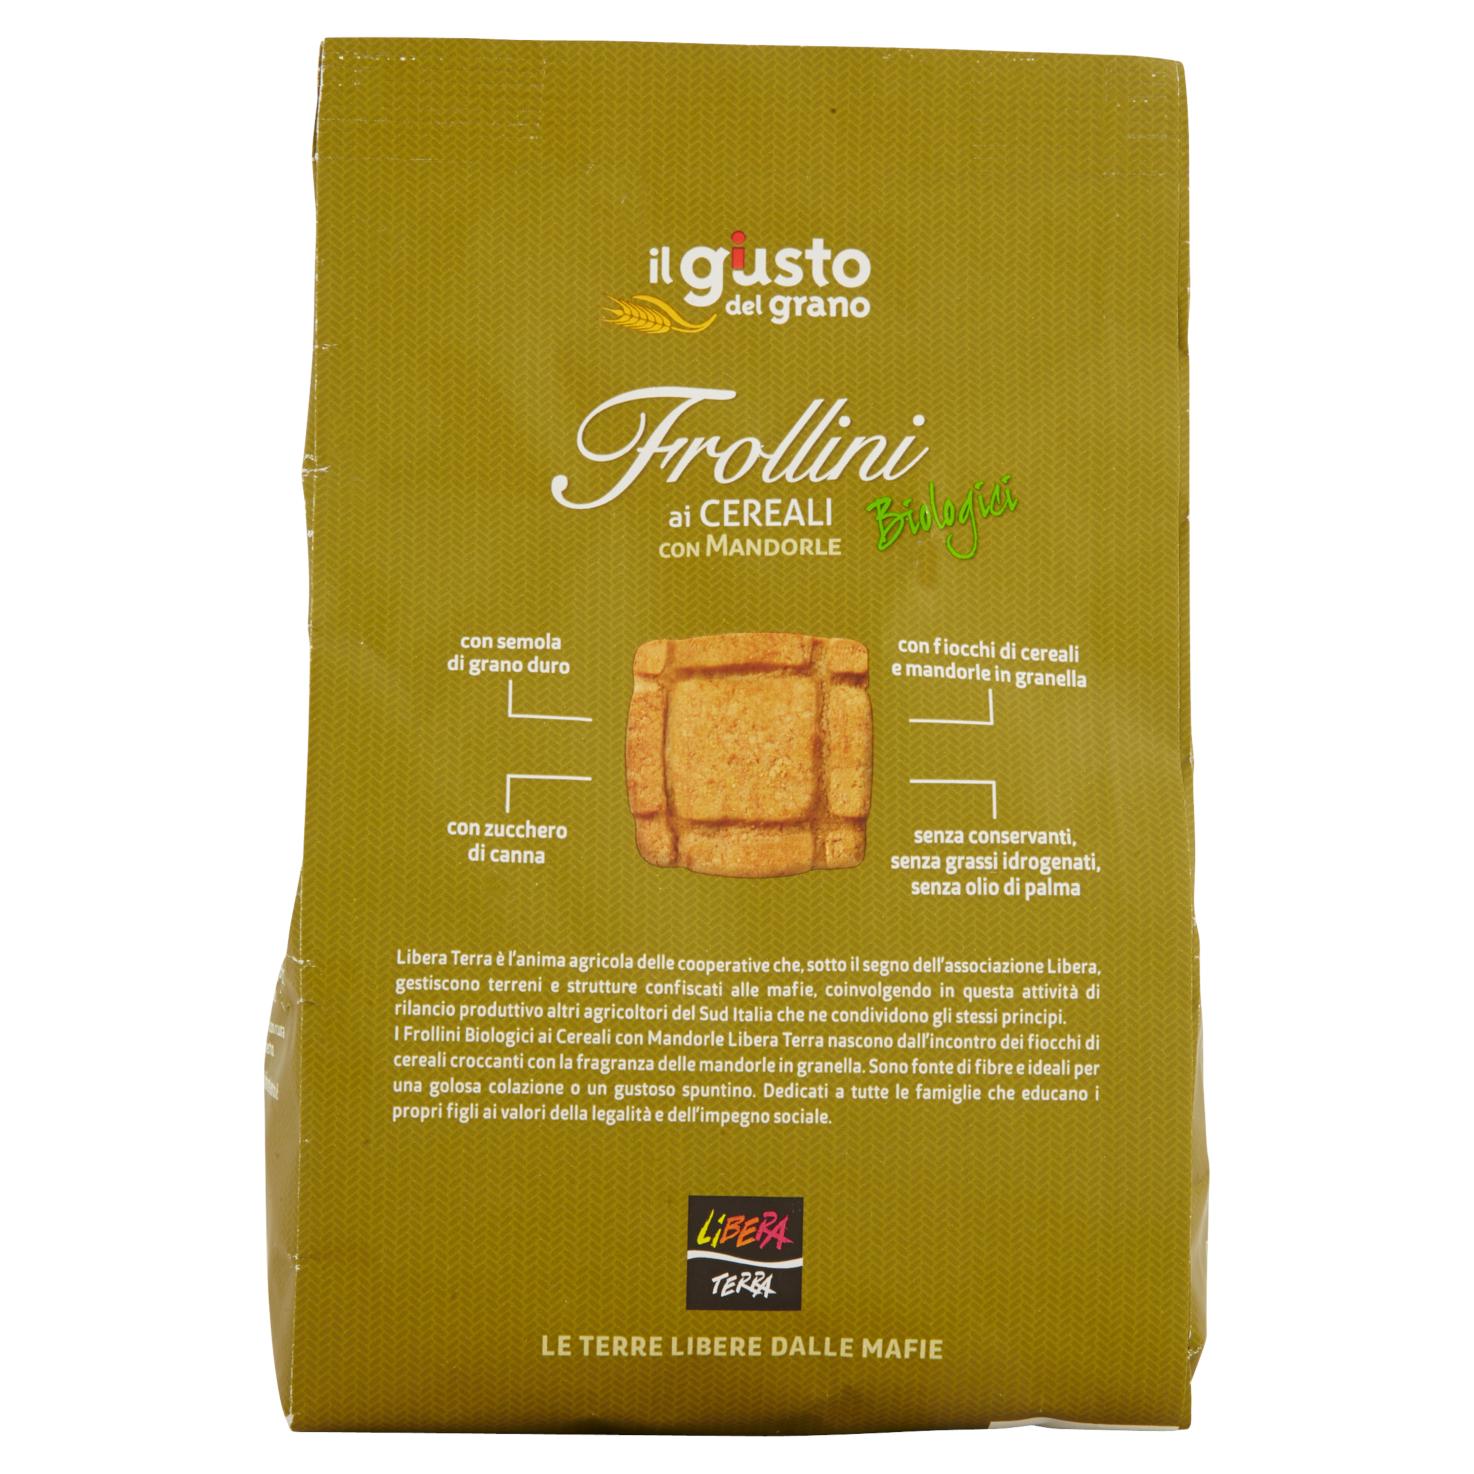 Frollini Biologici ai Cereali con Mandorle 300g